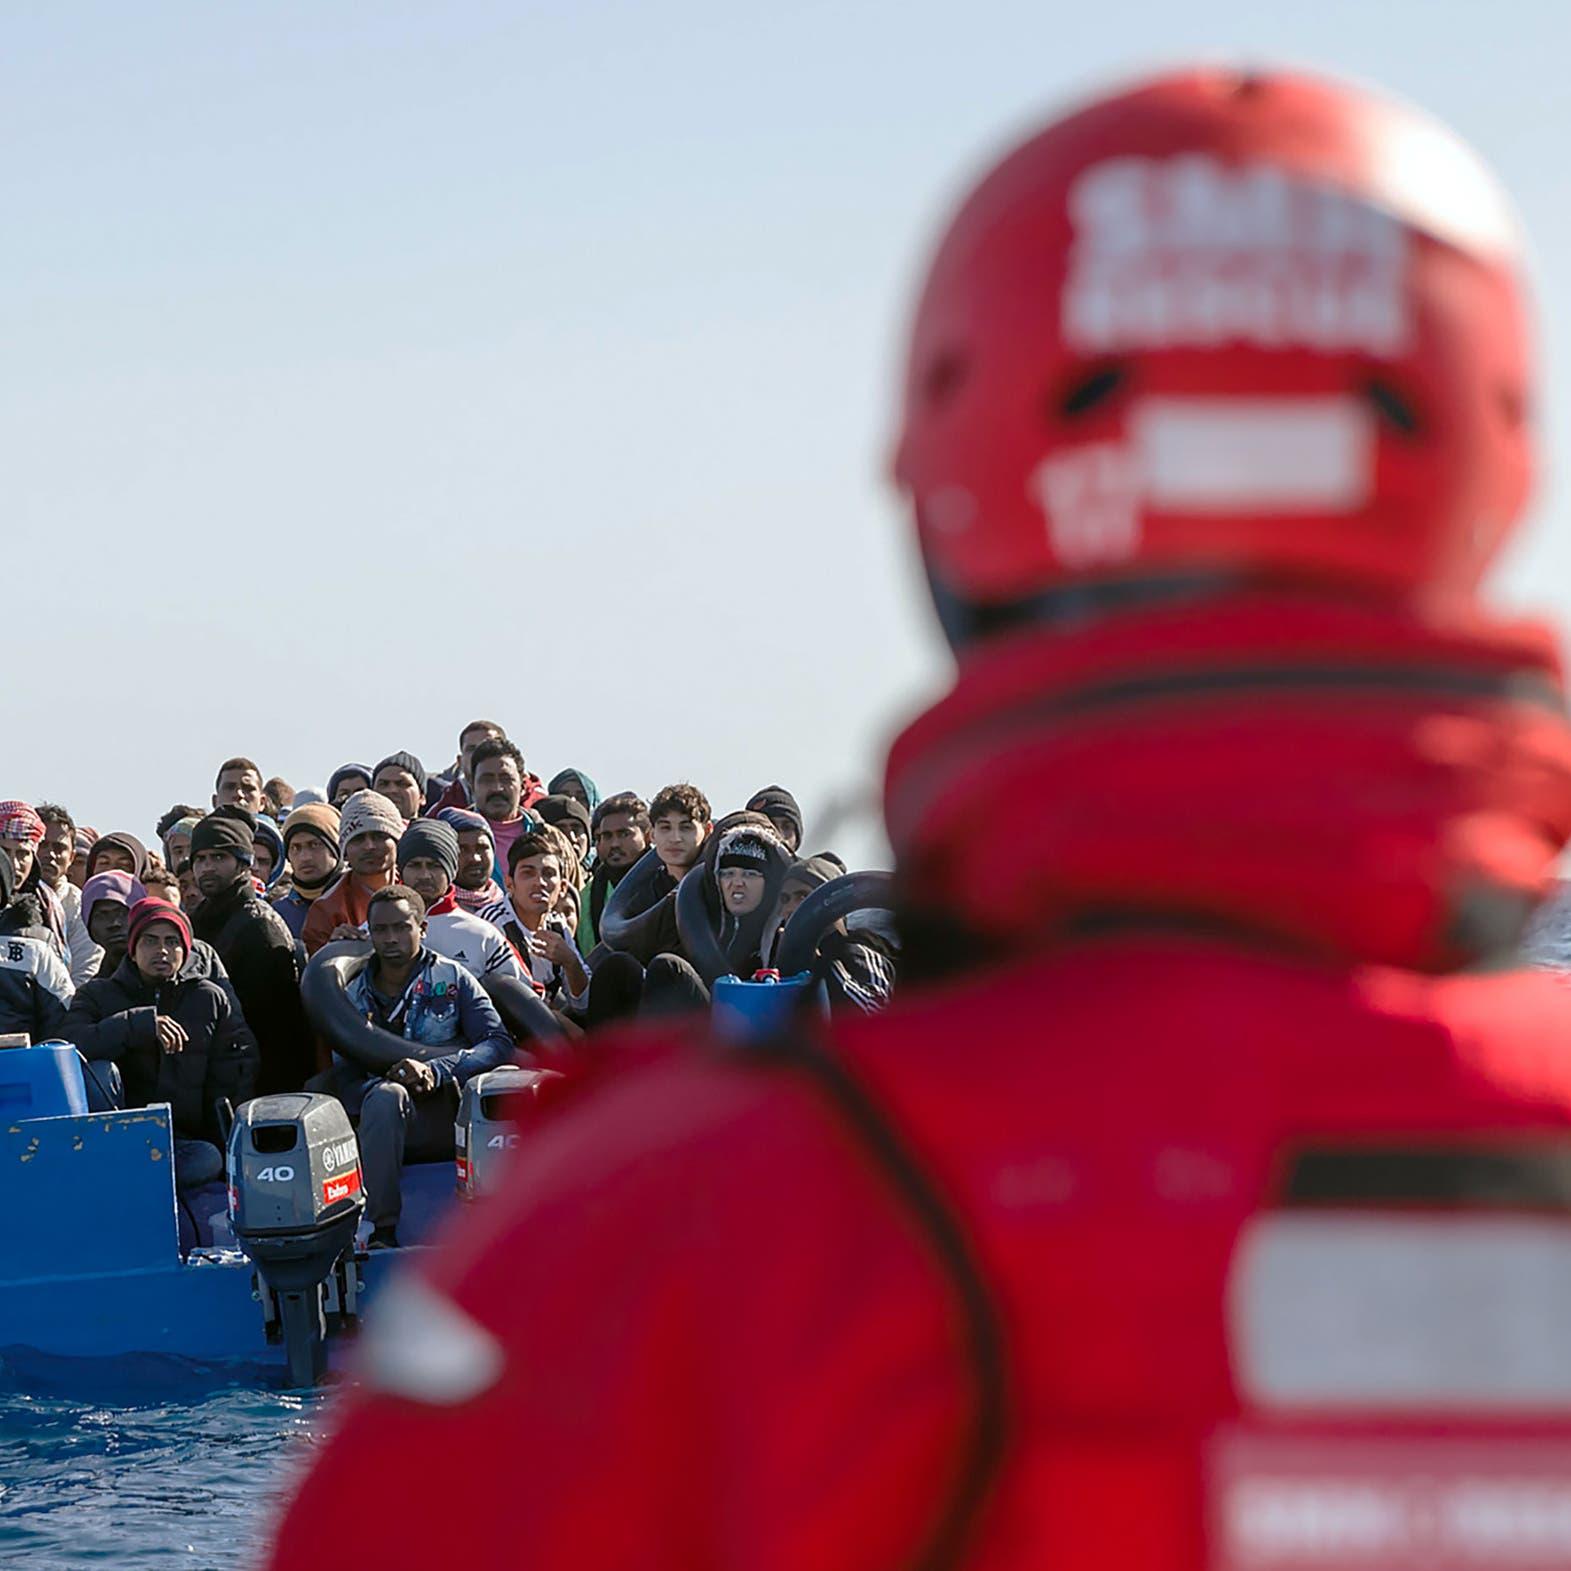 تحذير أممي من تعرض آلاف المهاجرين للموت في ليبيا